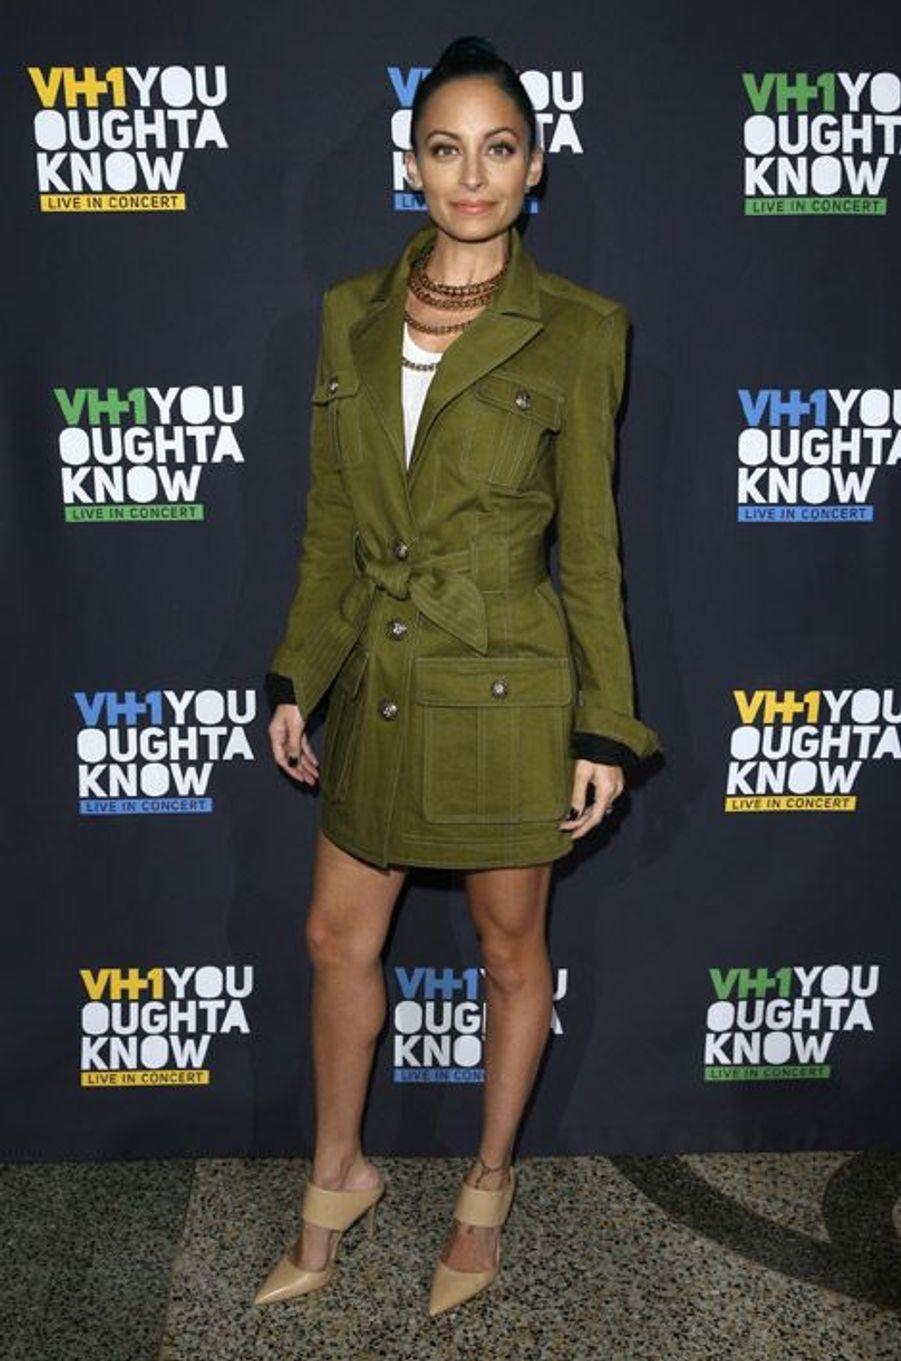 La styliste Nicole Richie après un concert à New York, le 13 novembre 2014